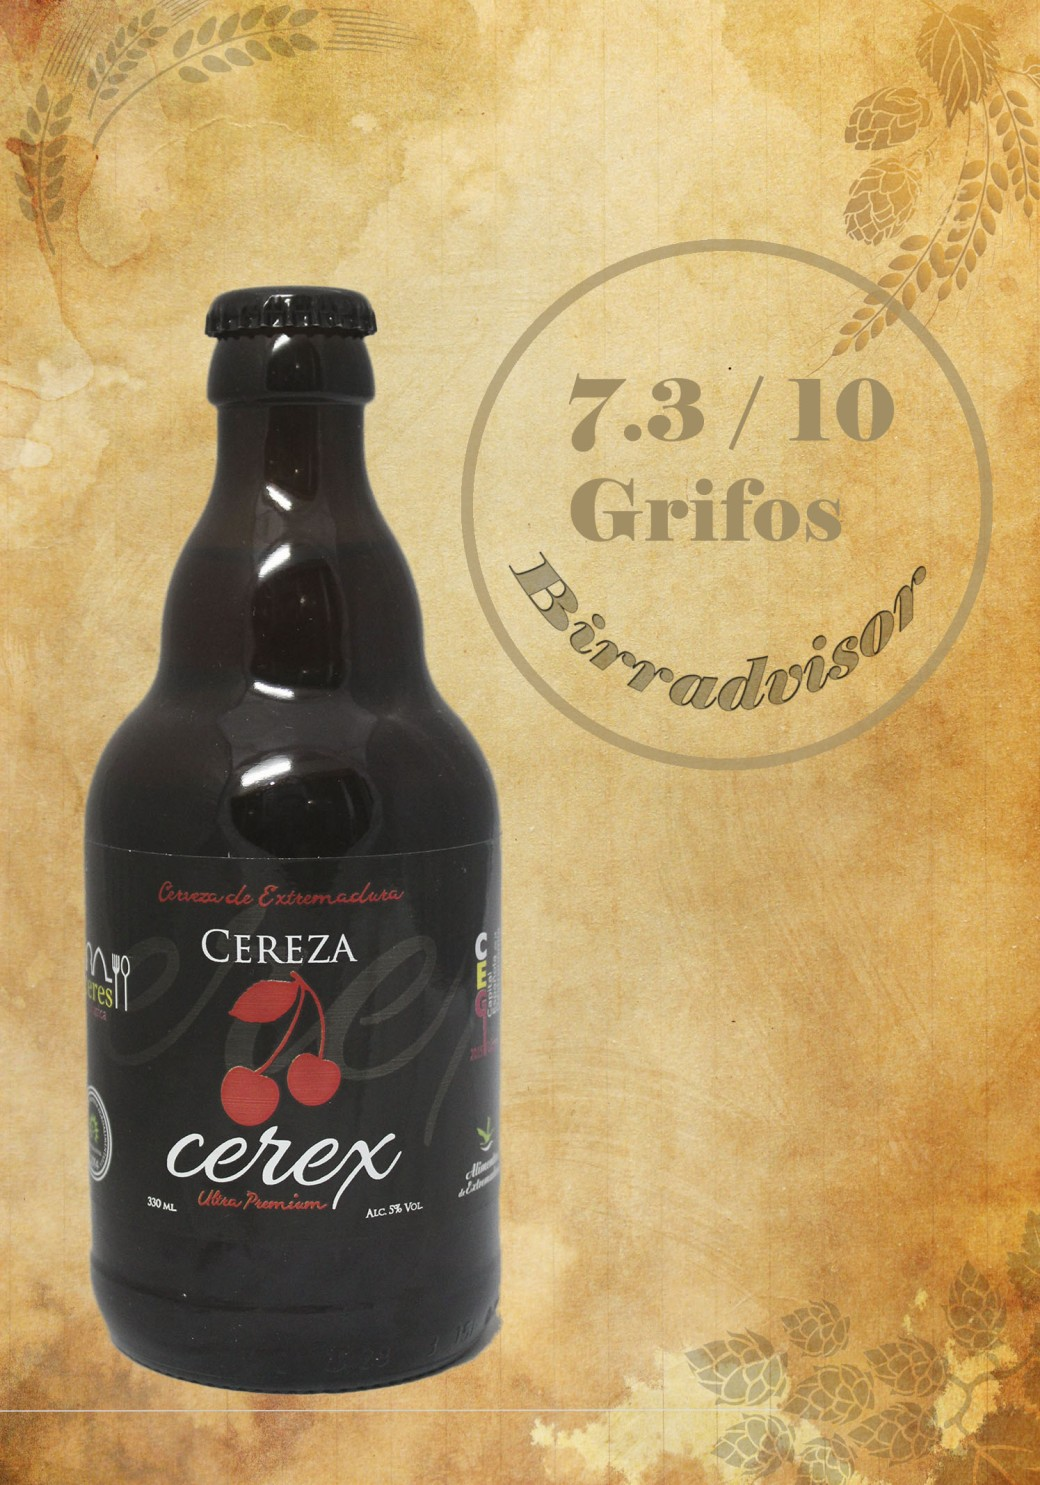 Cerex (Cereza)